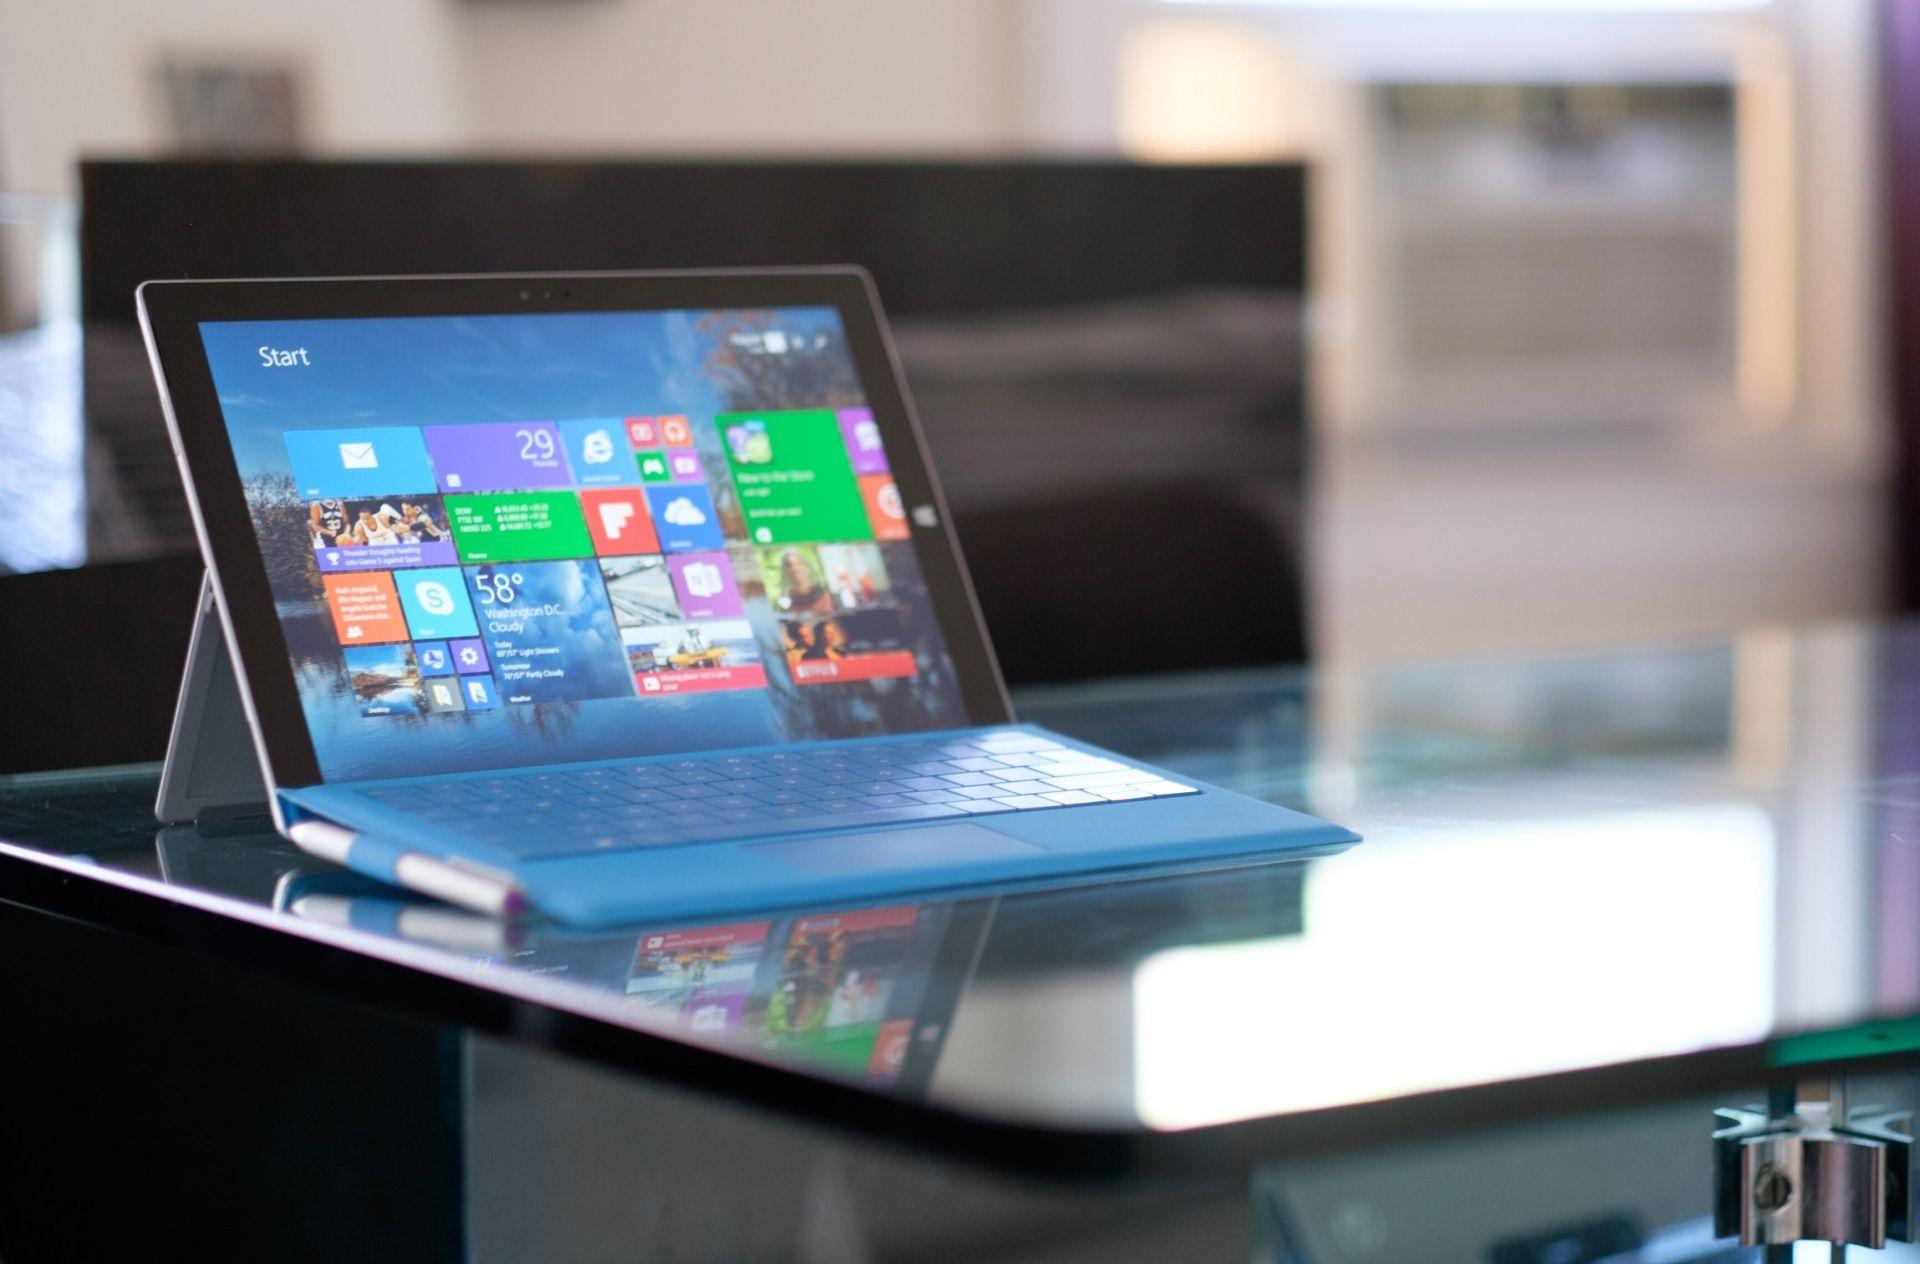 1920x1264 Microsoft Surface Pro 3 Amazing Wallpaper Hd For Desktop Microsoft Surface Microsoft Surface Pro Surface Pro